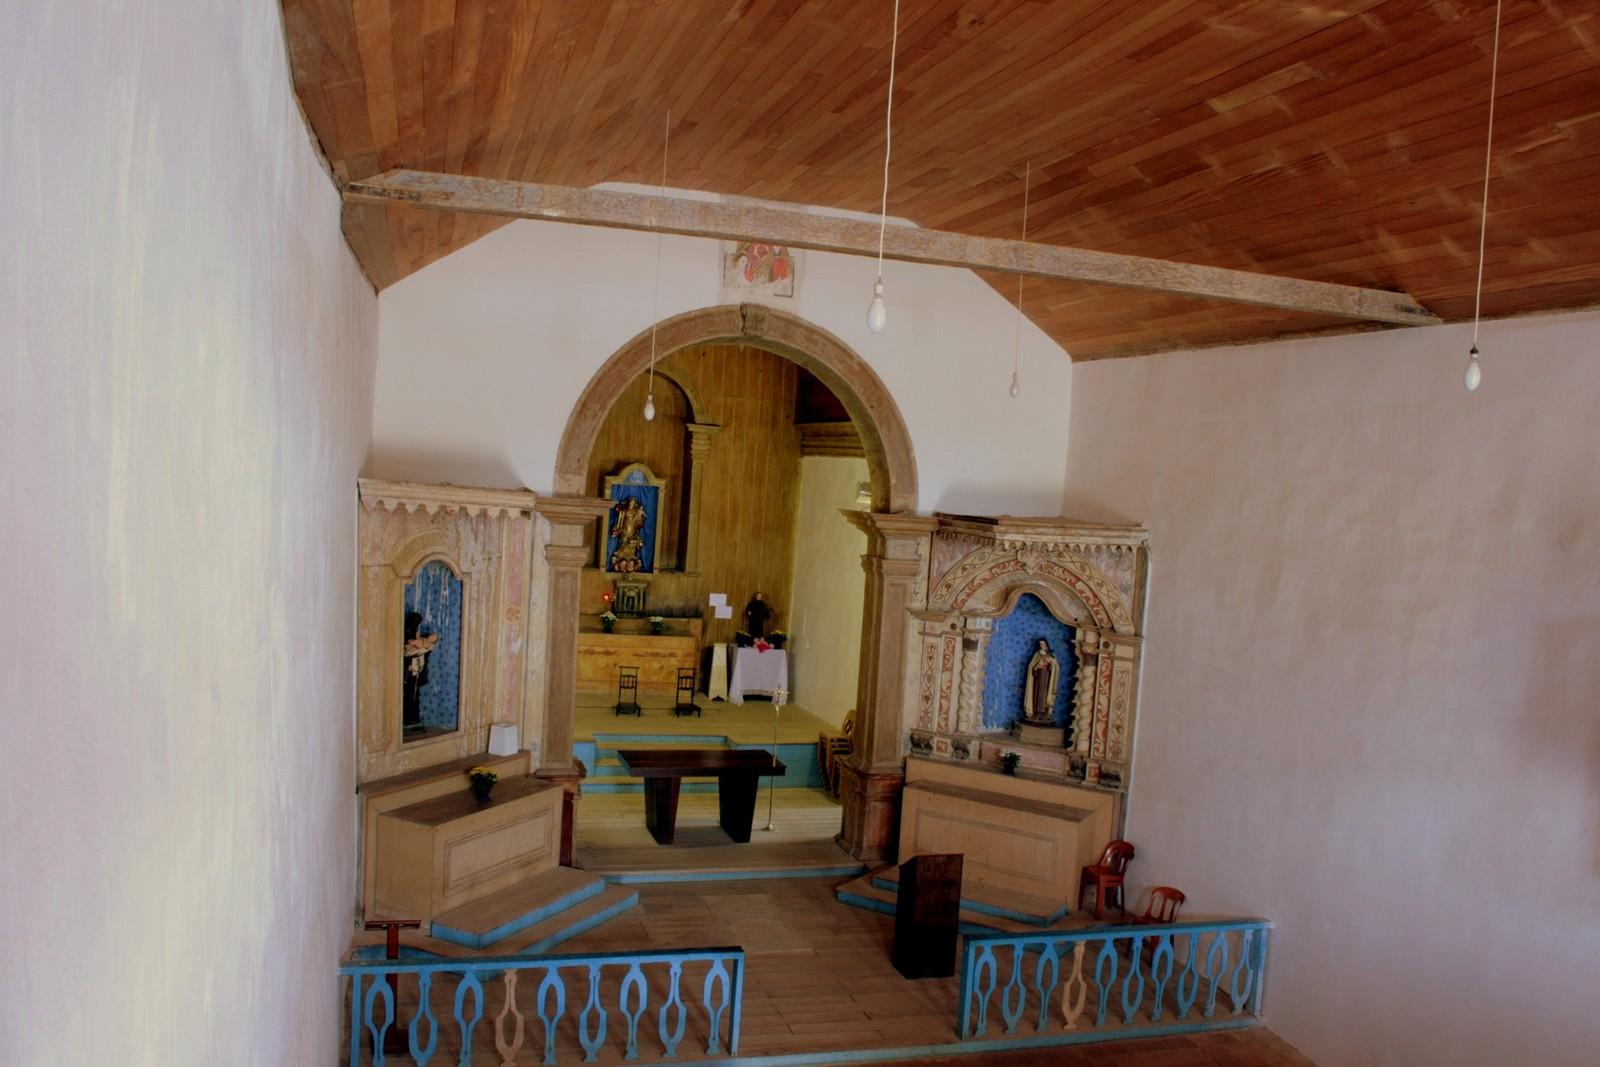 Nuestra Señora de la Escalera, Devoción de los Marinos, Portugal y Brasil (21 nov)